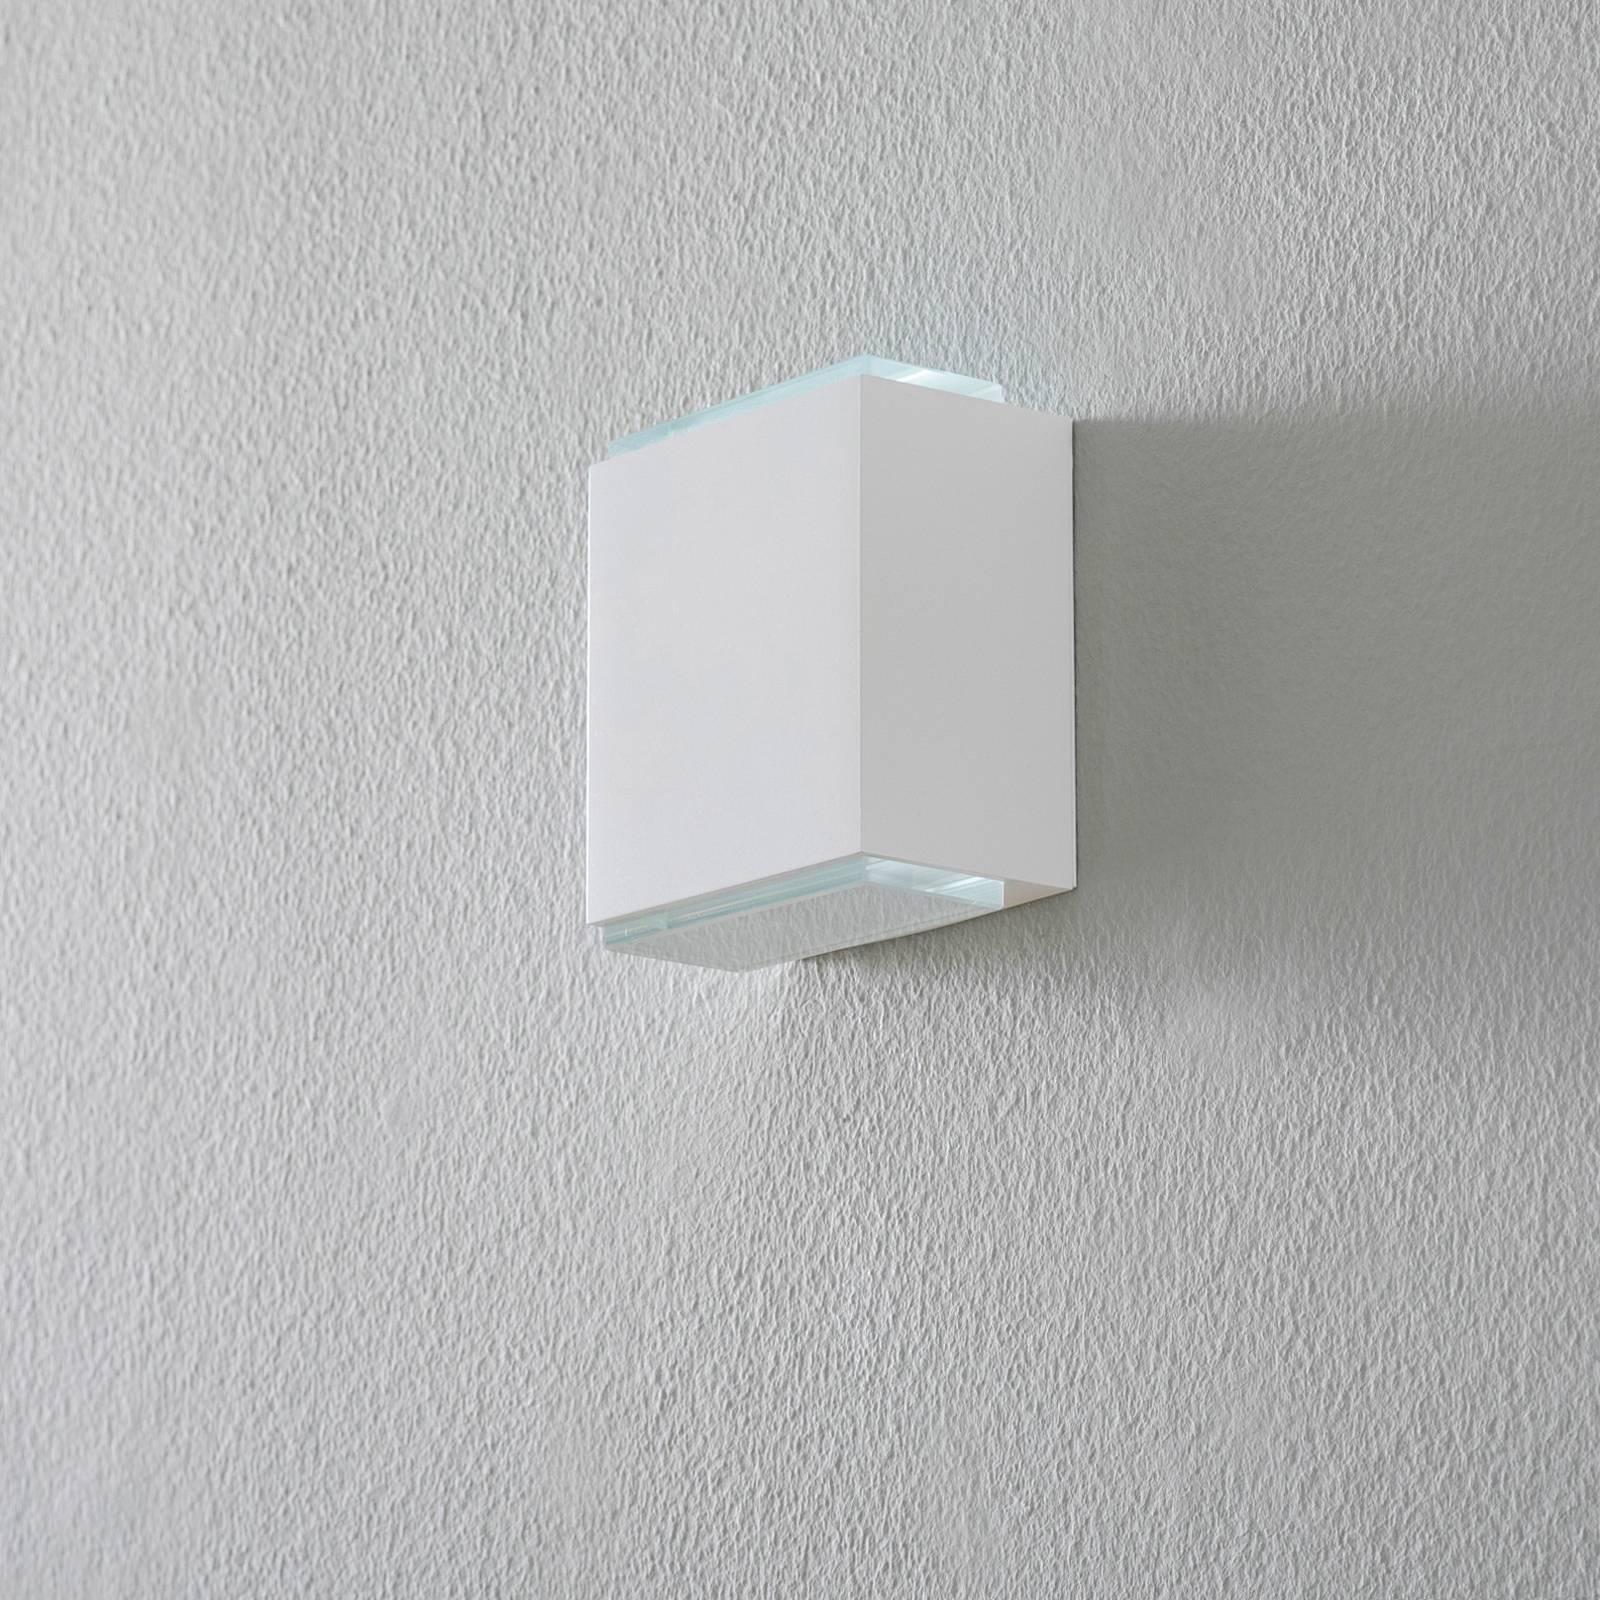 BEGA 23013 LED-seinävalaisin 9cm 510lm valkoinen